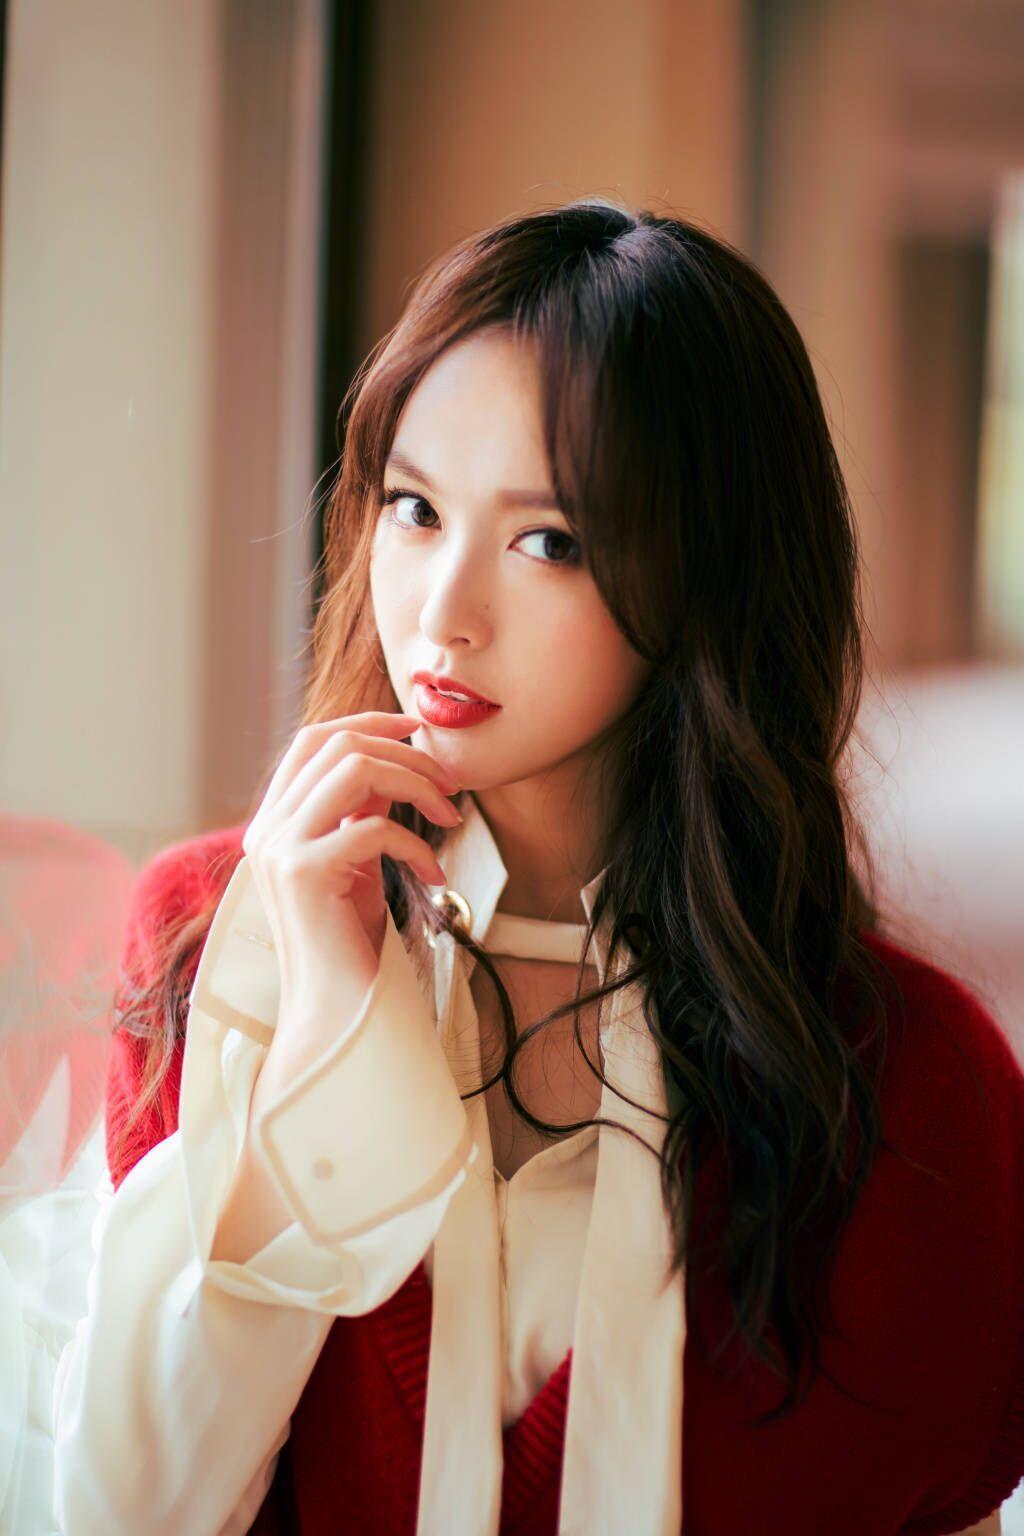 唐嫣终于舍得换风格了,白衬衫搭配红色马甲性感又个性